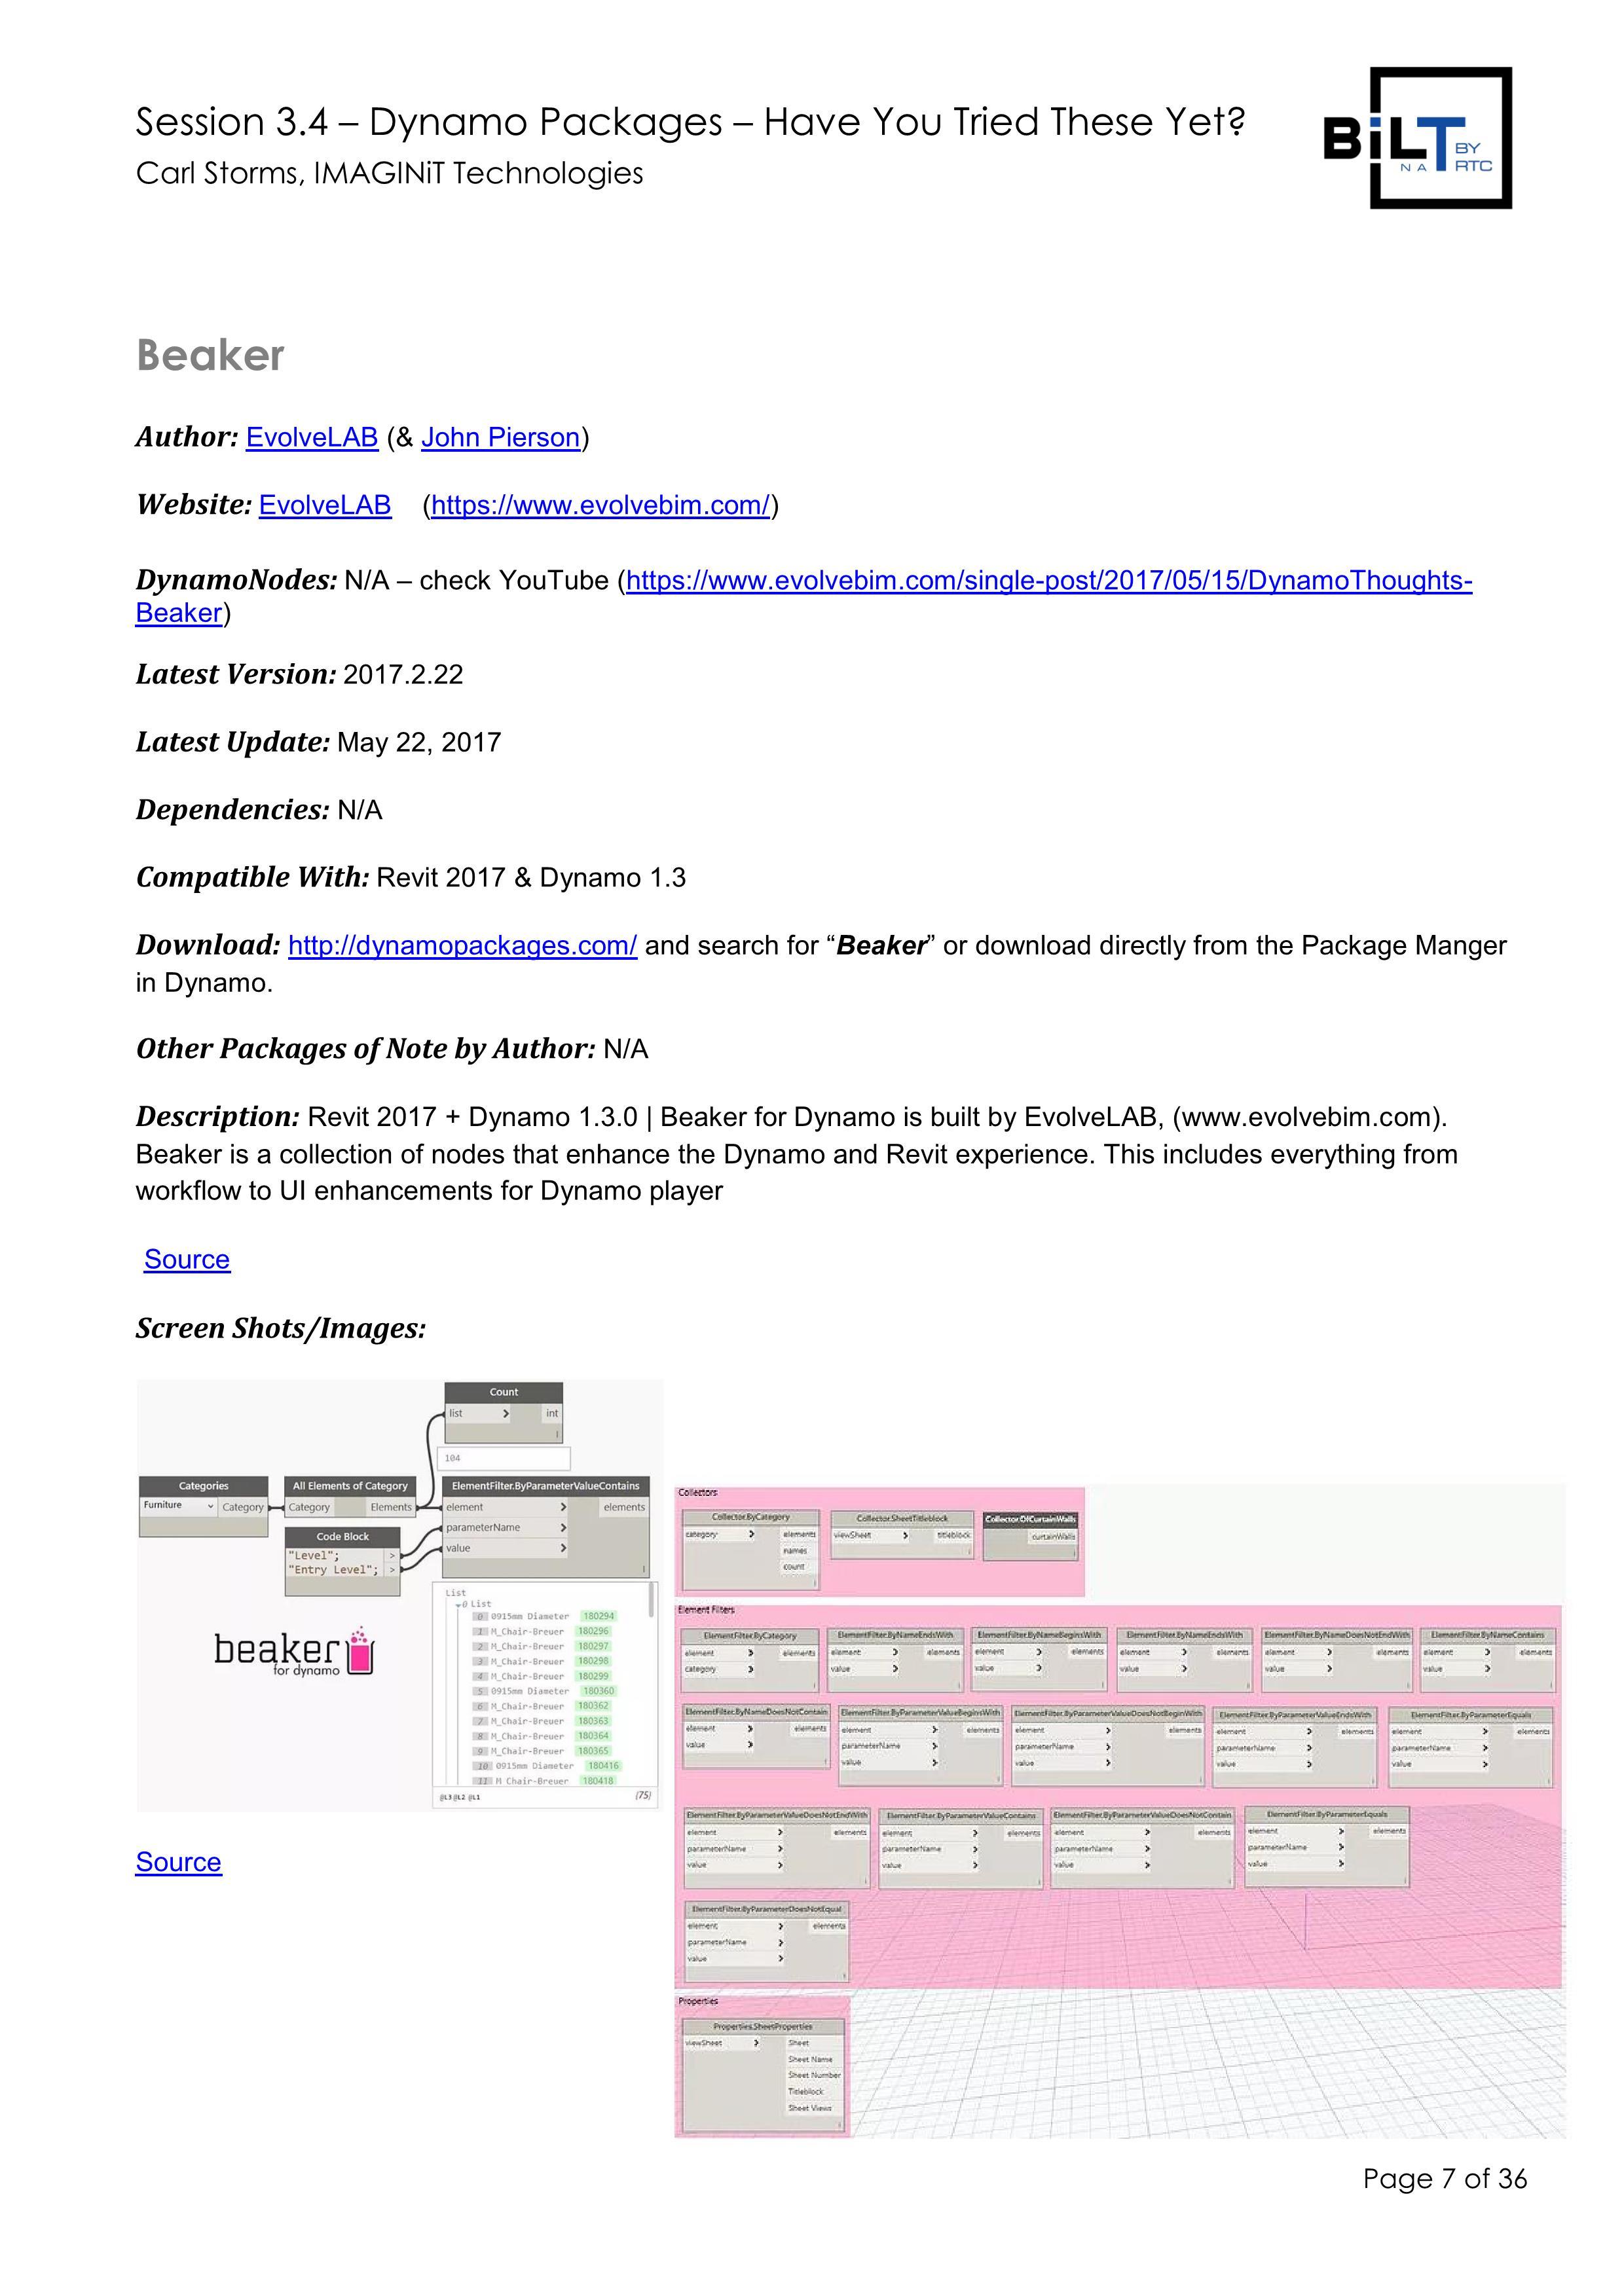 DynamoPackagesHaveYouTried Page 007.jpg